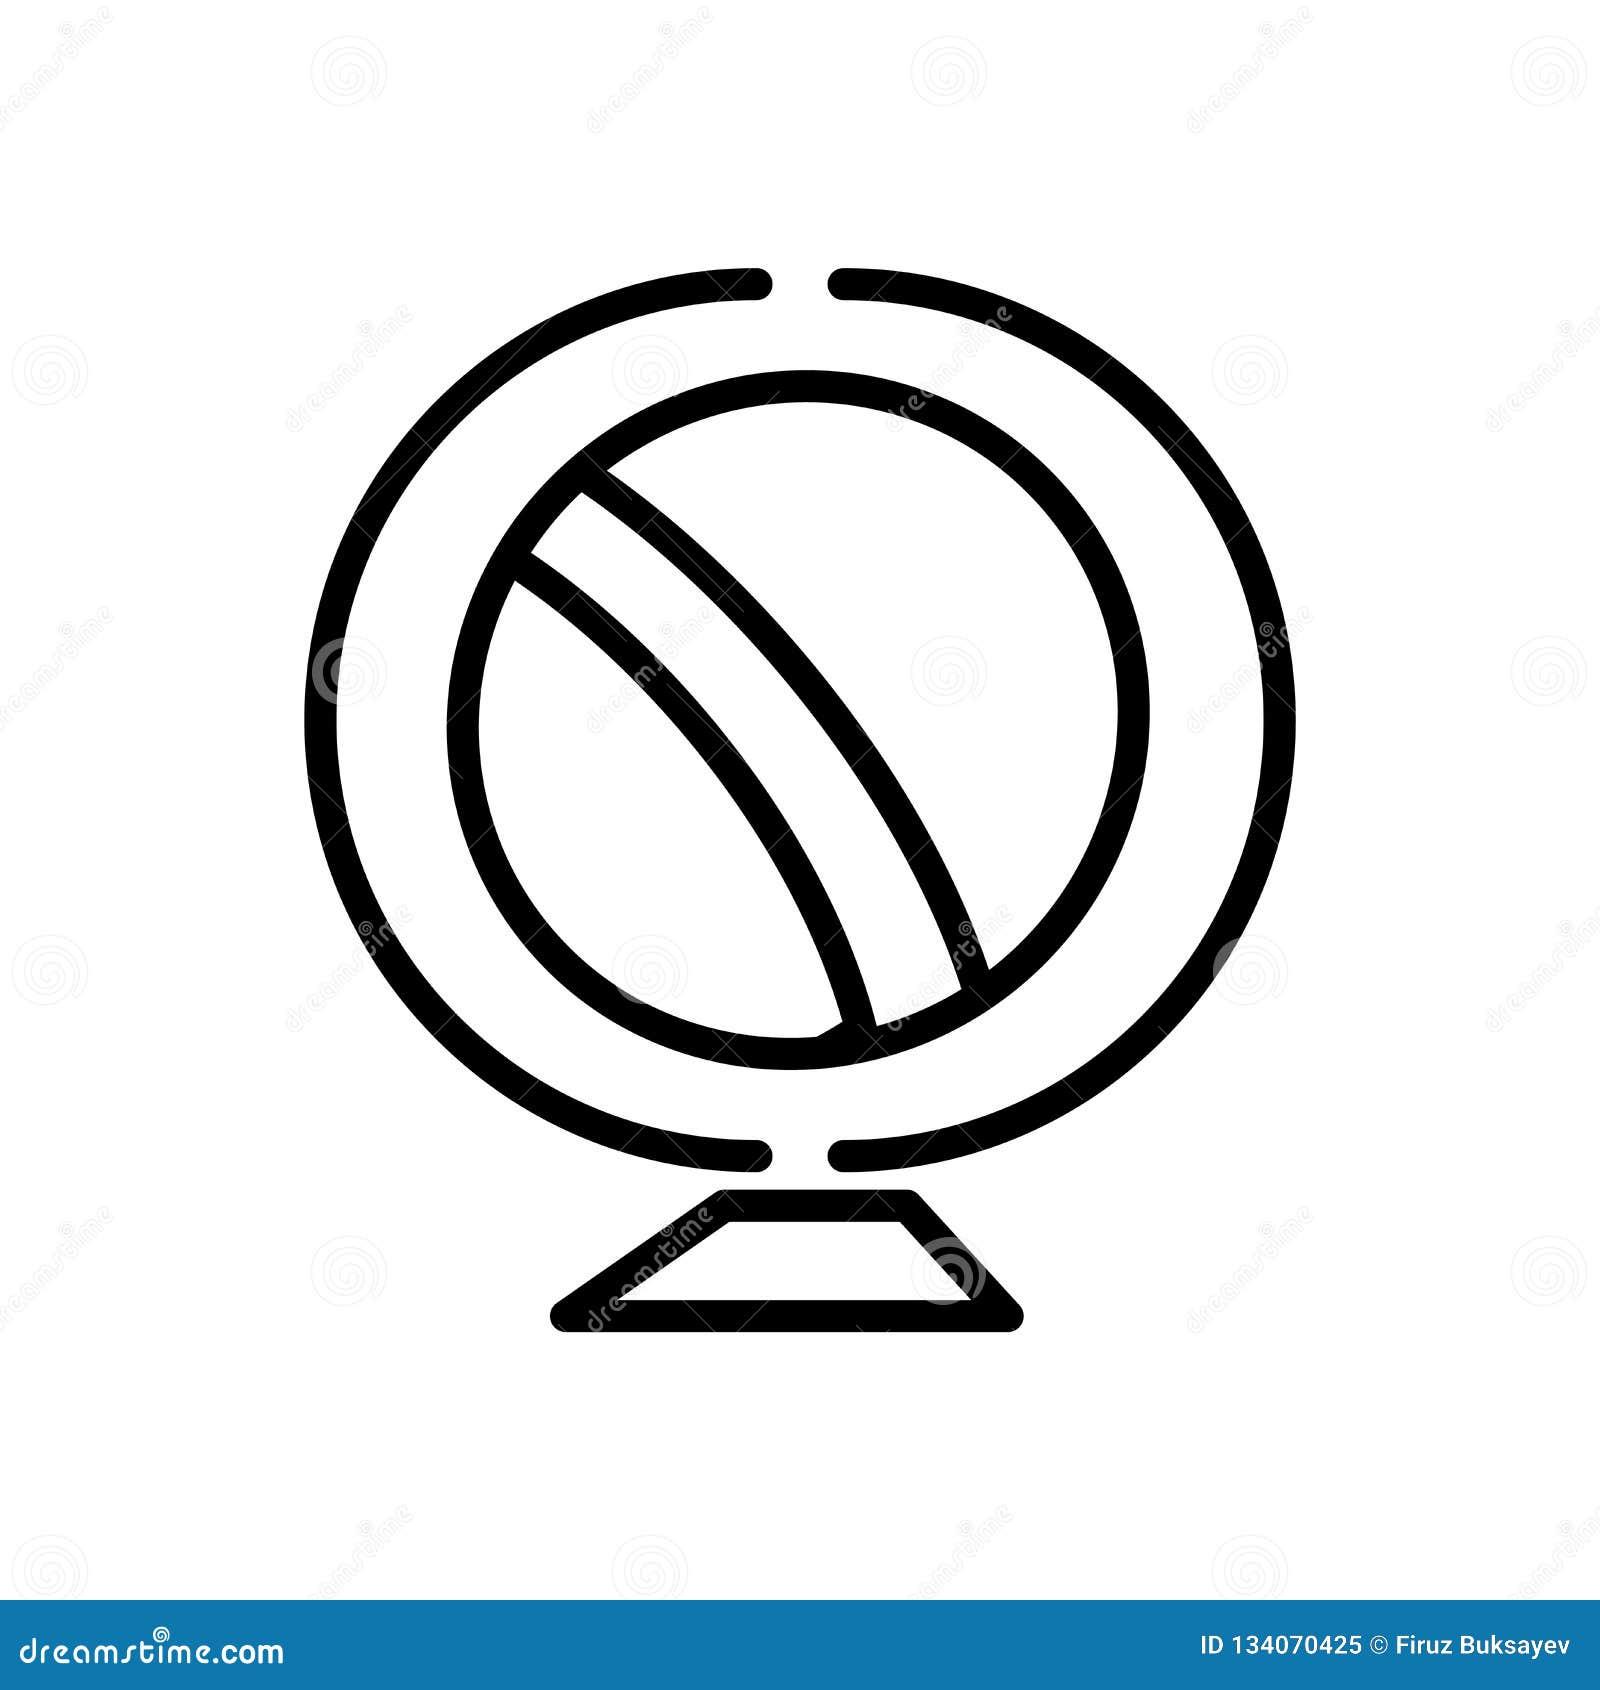 Γήινων σφαιρών σημάδι και σύμβολο εικονιδίων διανυσματικό που απομονώνονται στο άσπρο υπόβαθρο, έννοια λογότυπων γήινων σφαιρών